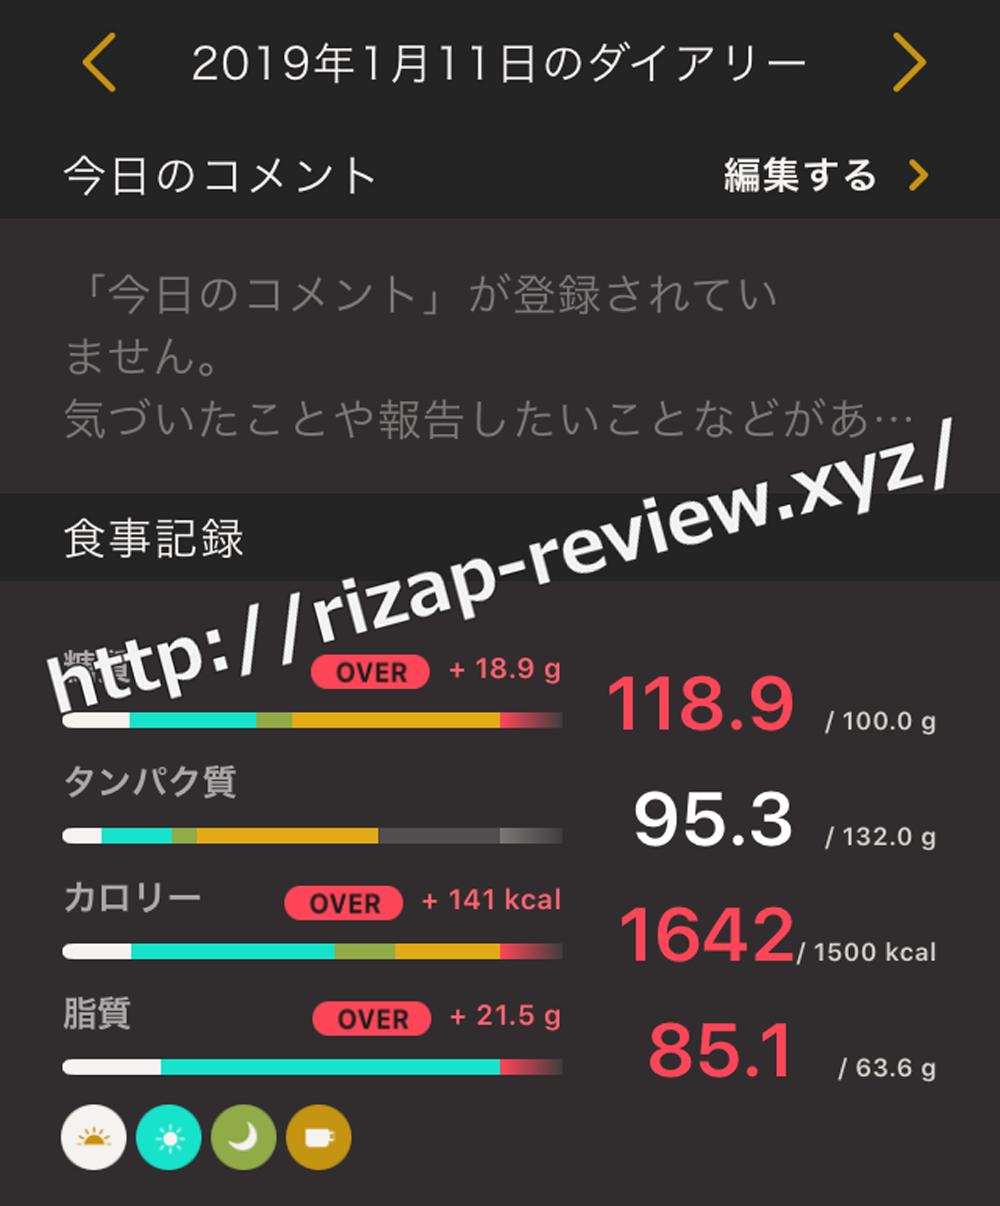 2019.1.11(金)ライザップの食事と摂取した栄養素